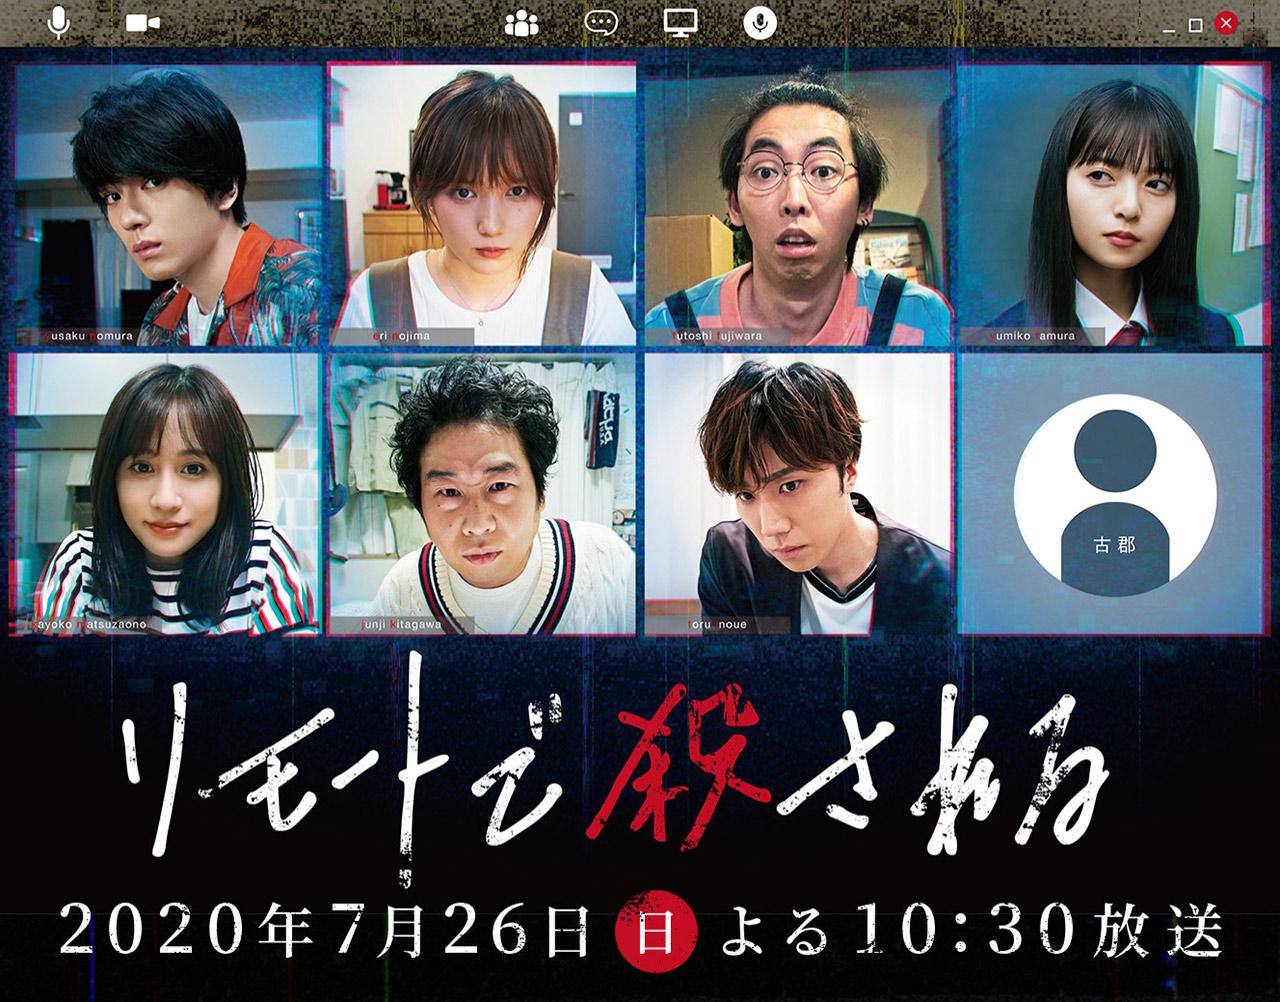 前田敦子出演SPドラマ「リモートで殺される」放送!会話を軸に繰り広げられるリアルタイムミステリー!